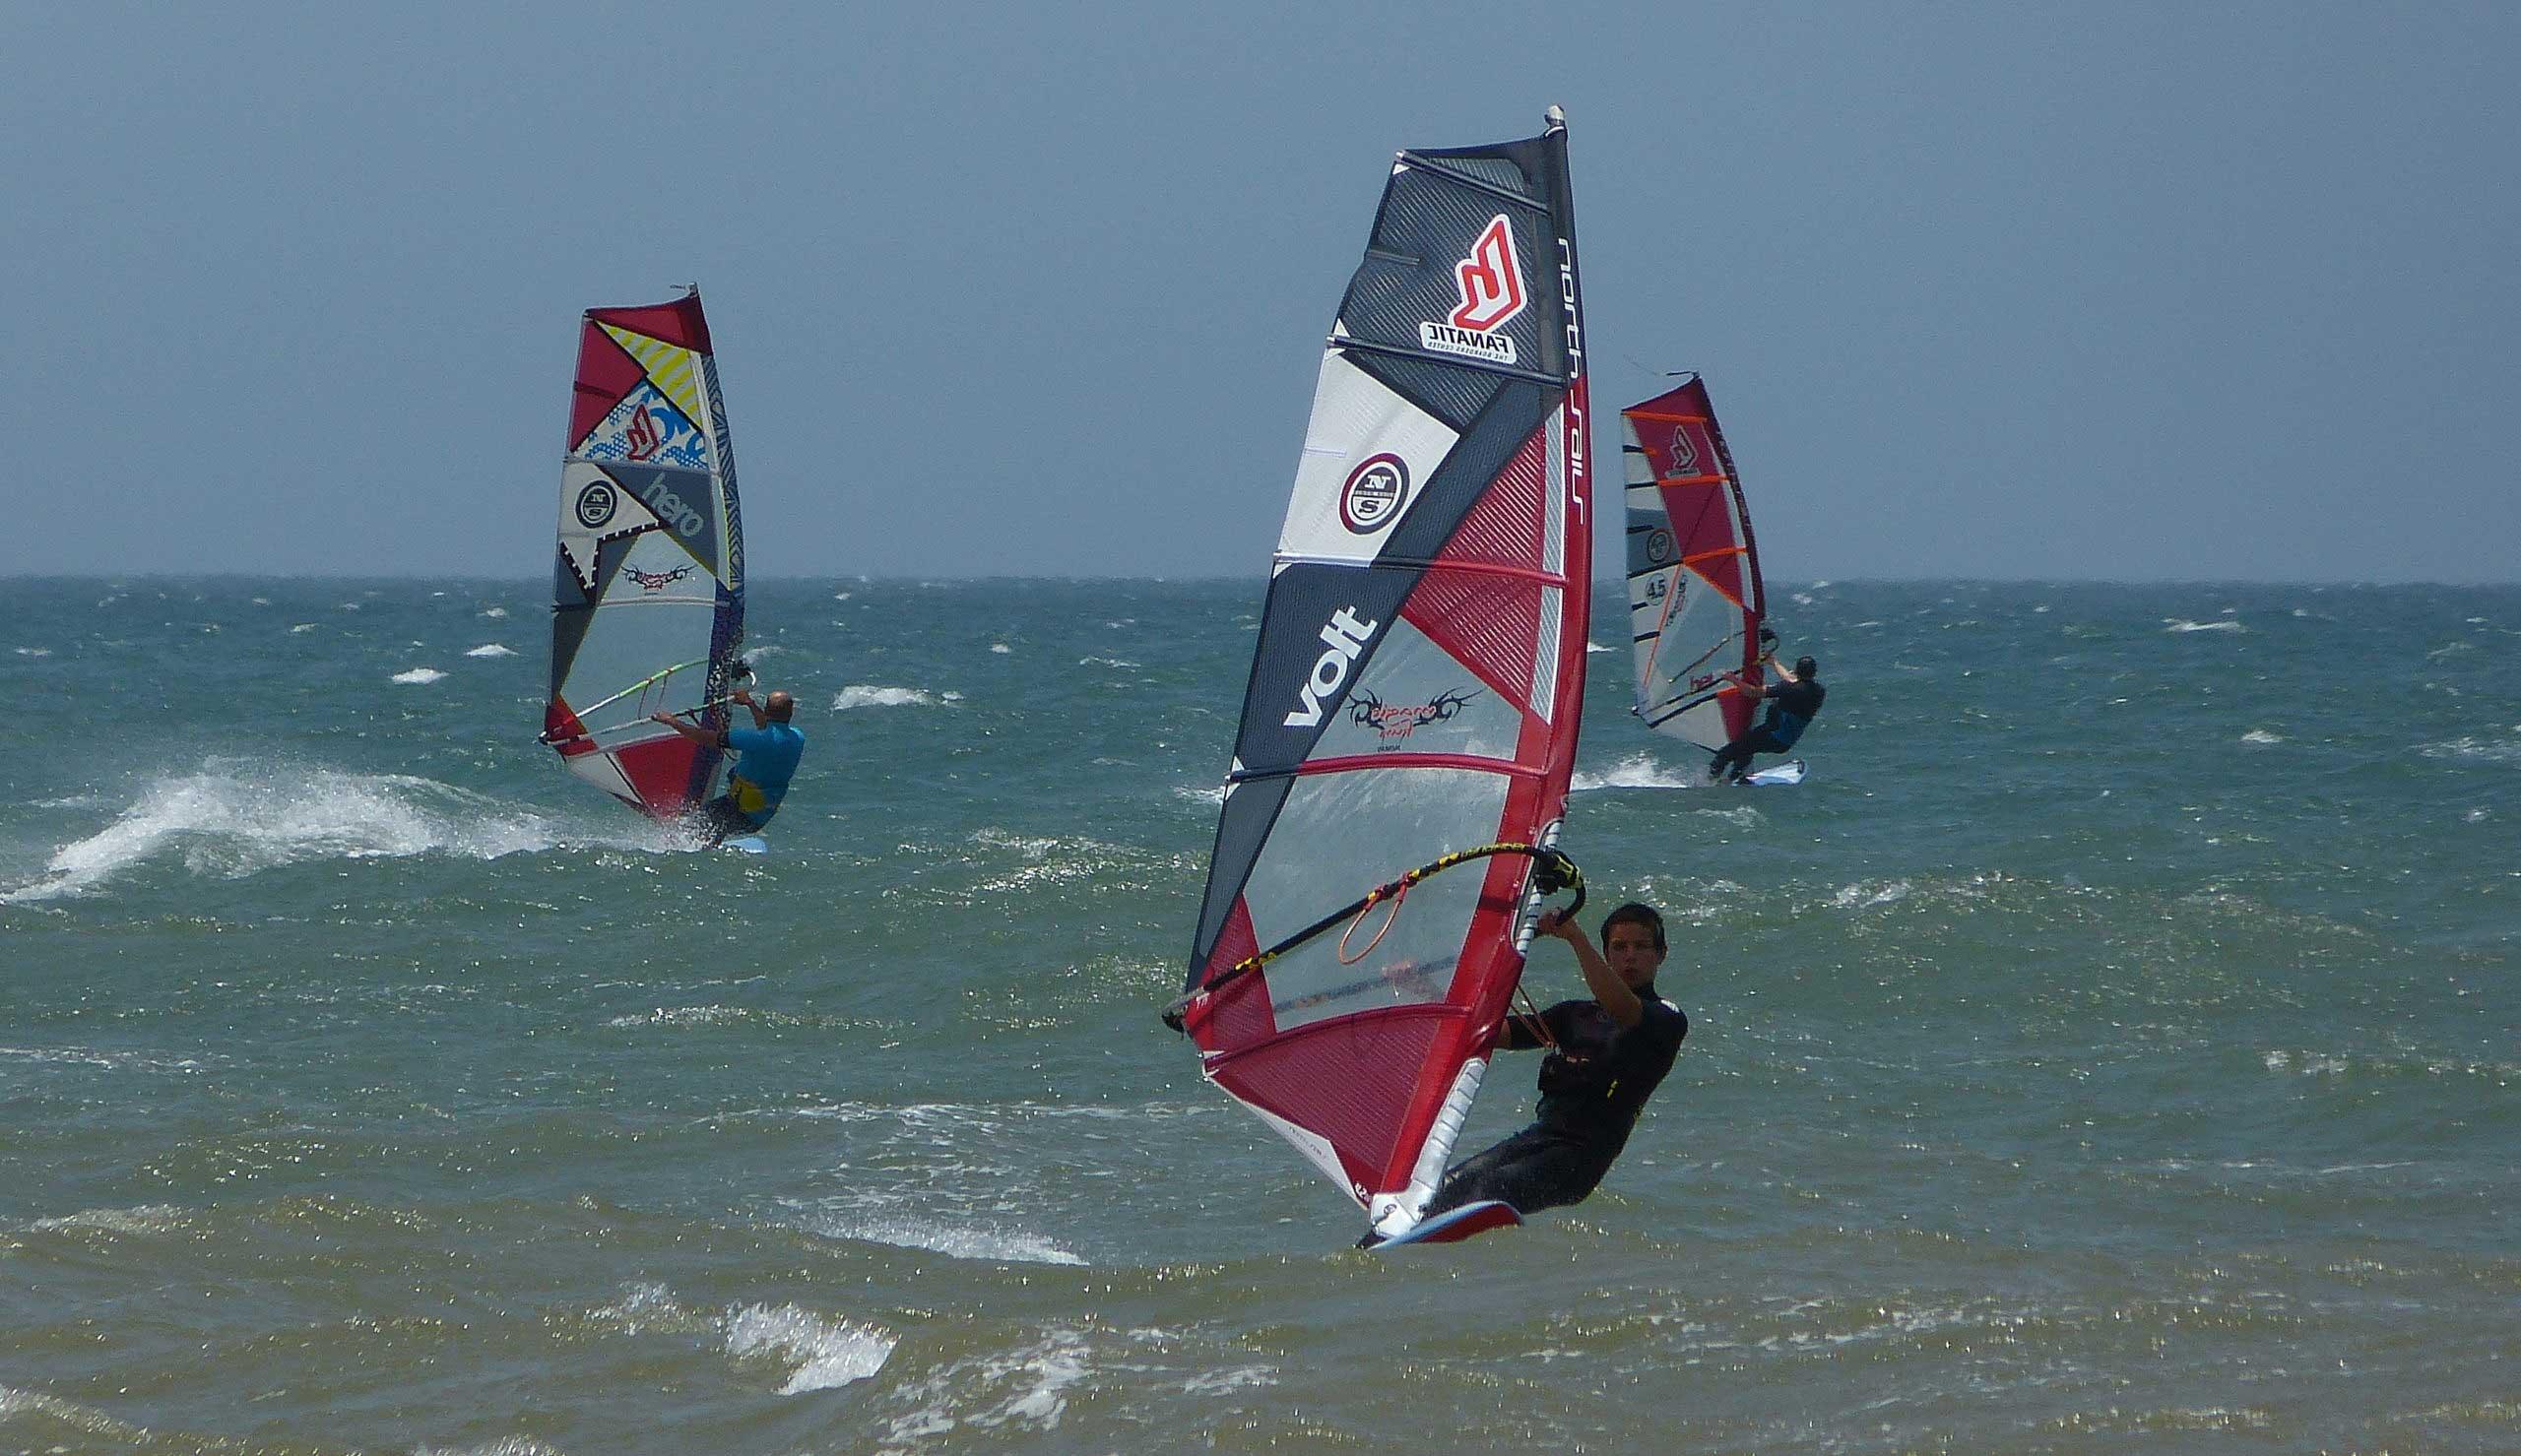 Windsurf Moulay Bouzerktoune